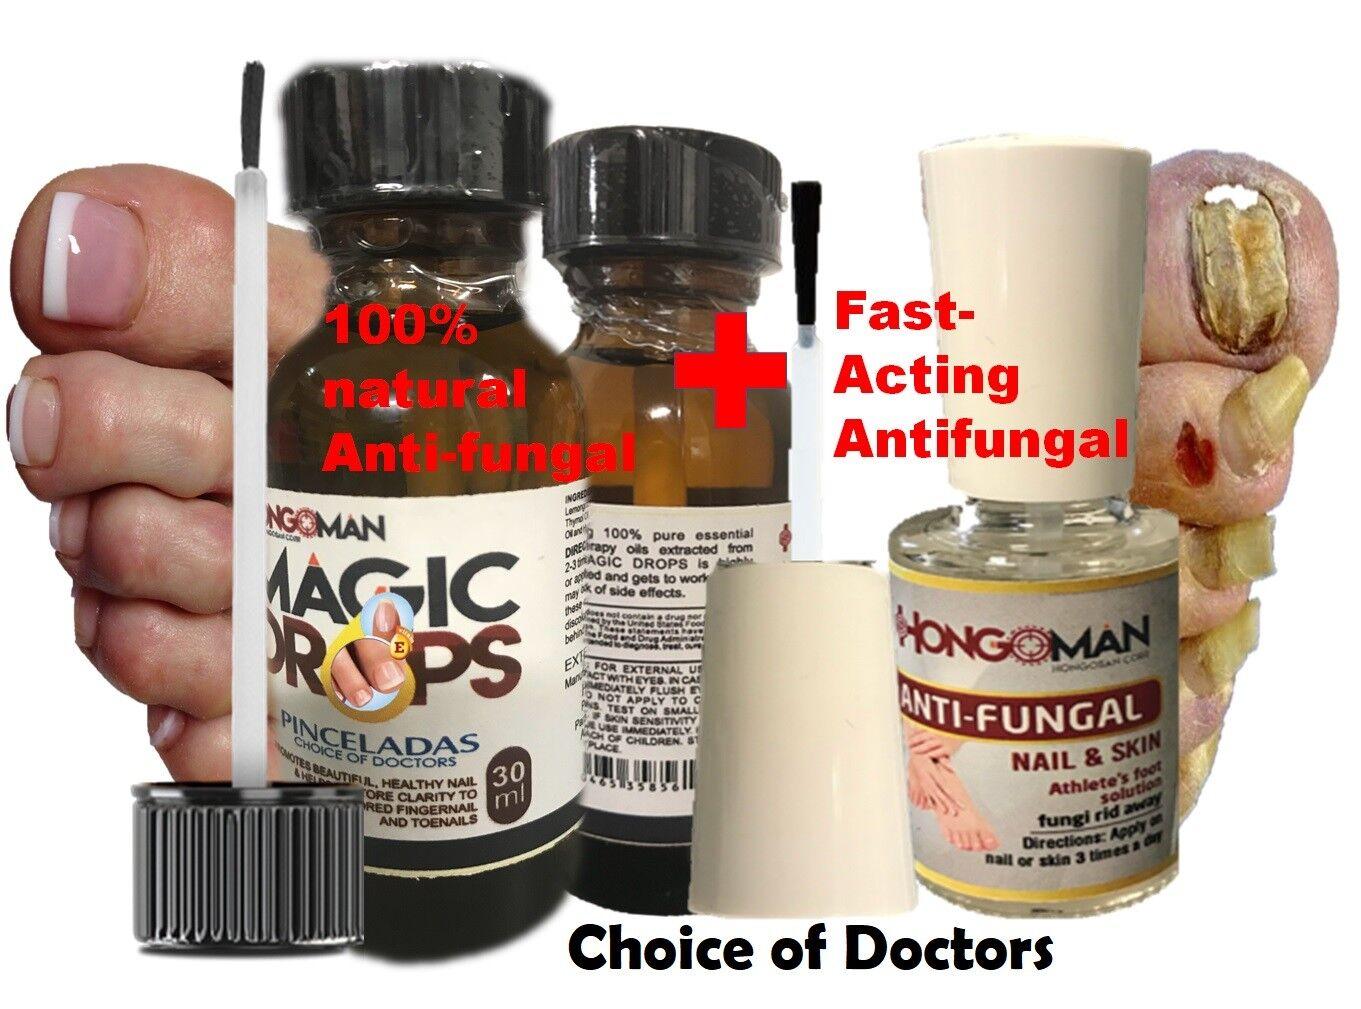 Solución Antimicótica Para Infecciones Hongos Uñas Anti hongos kit